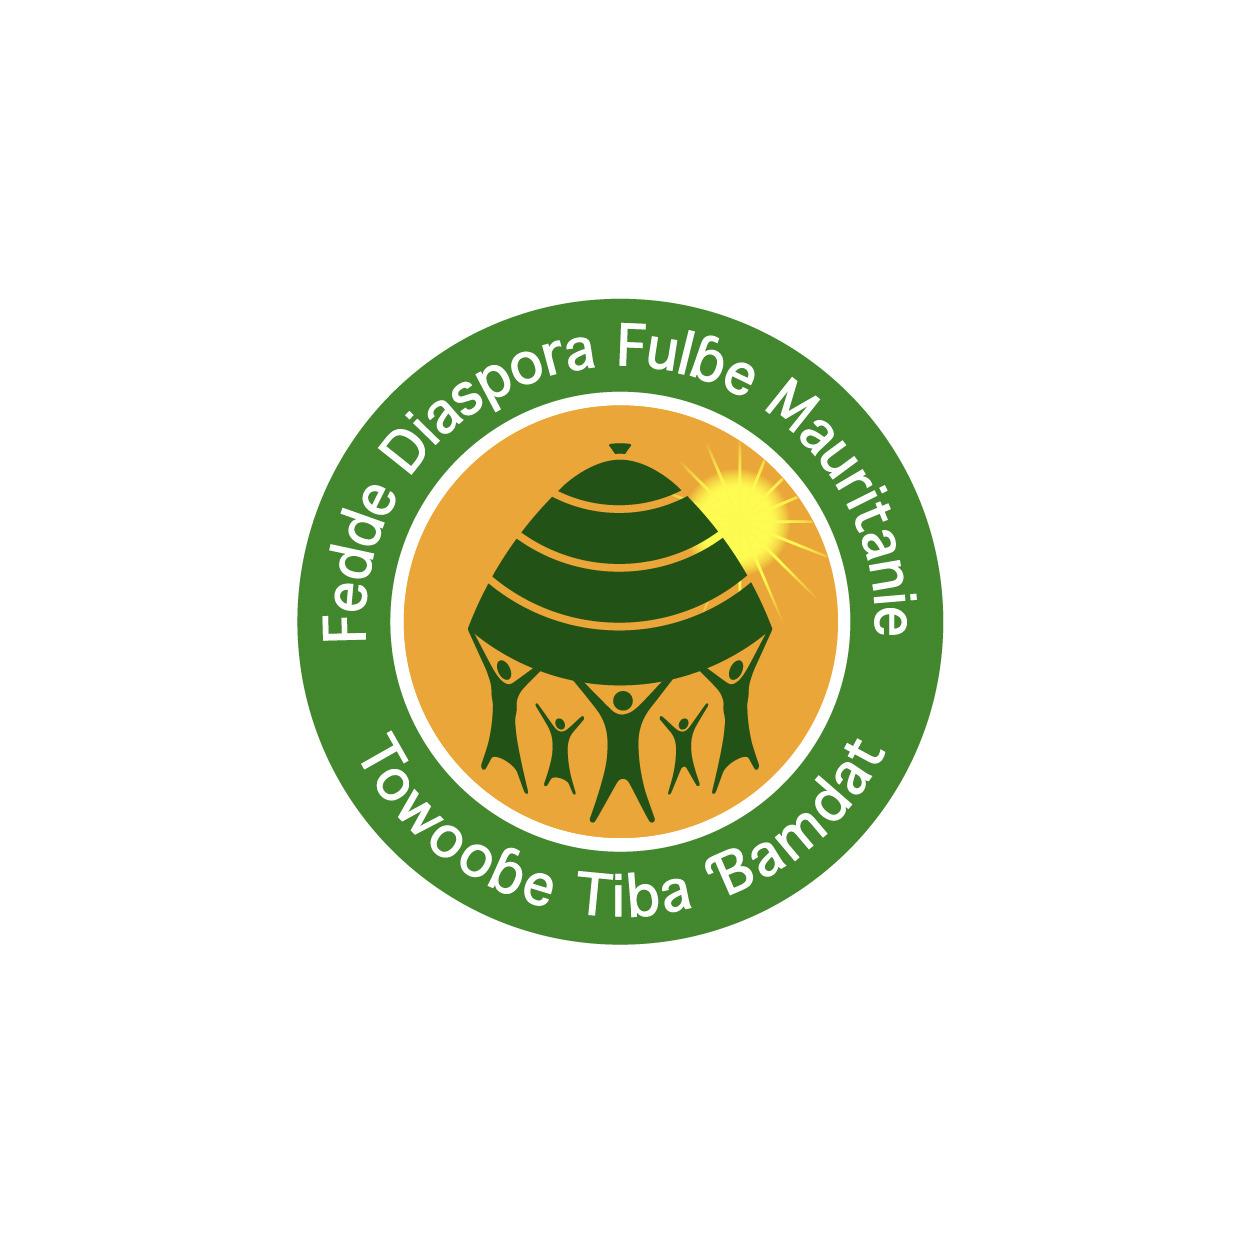 COMMUNIQUE: FEDDE DIASPORA FULBE MAURITANIE (FDFM)